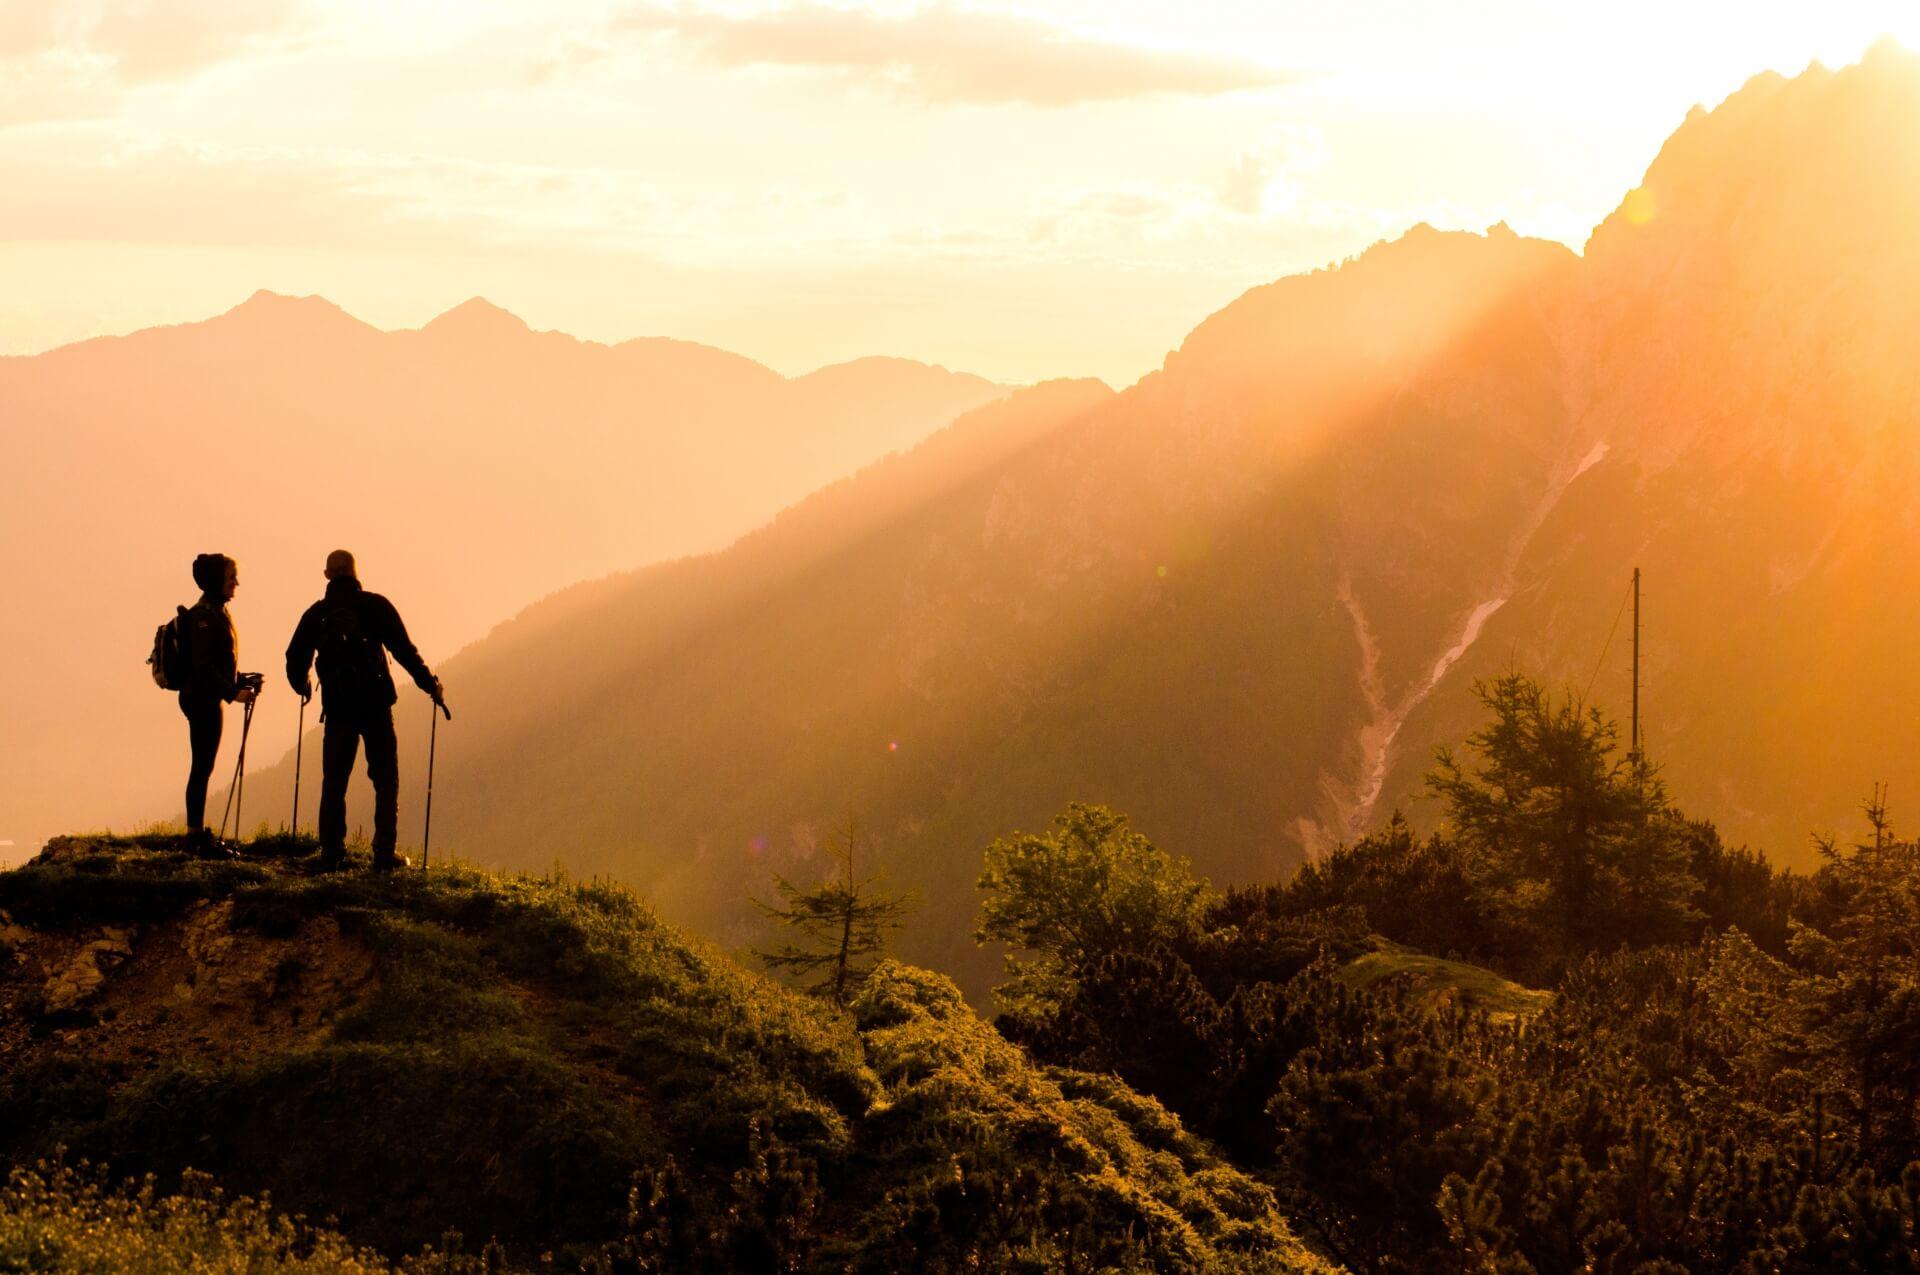 谷川岳の登山!ハイキング初心者コース〜ベテランコースまでを紹介